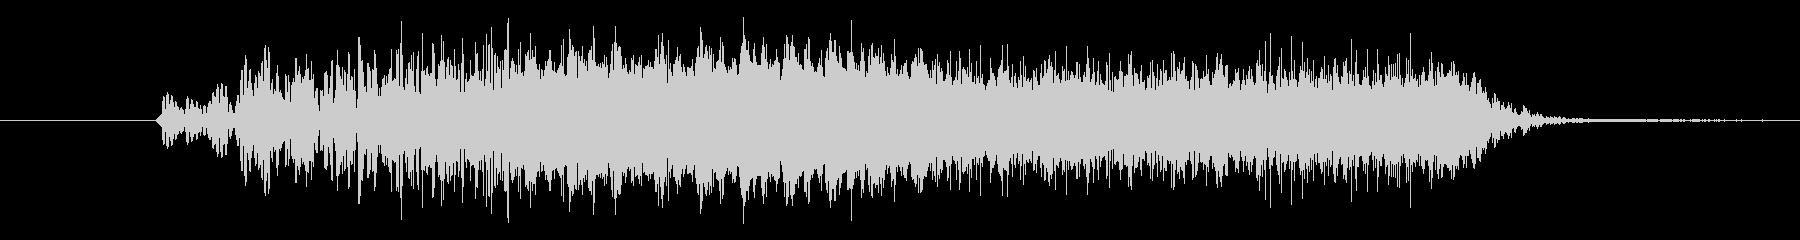 バリア音(ビューン) SE の未再生の波形